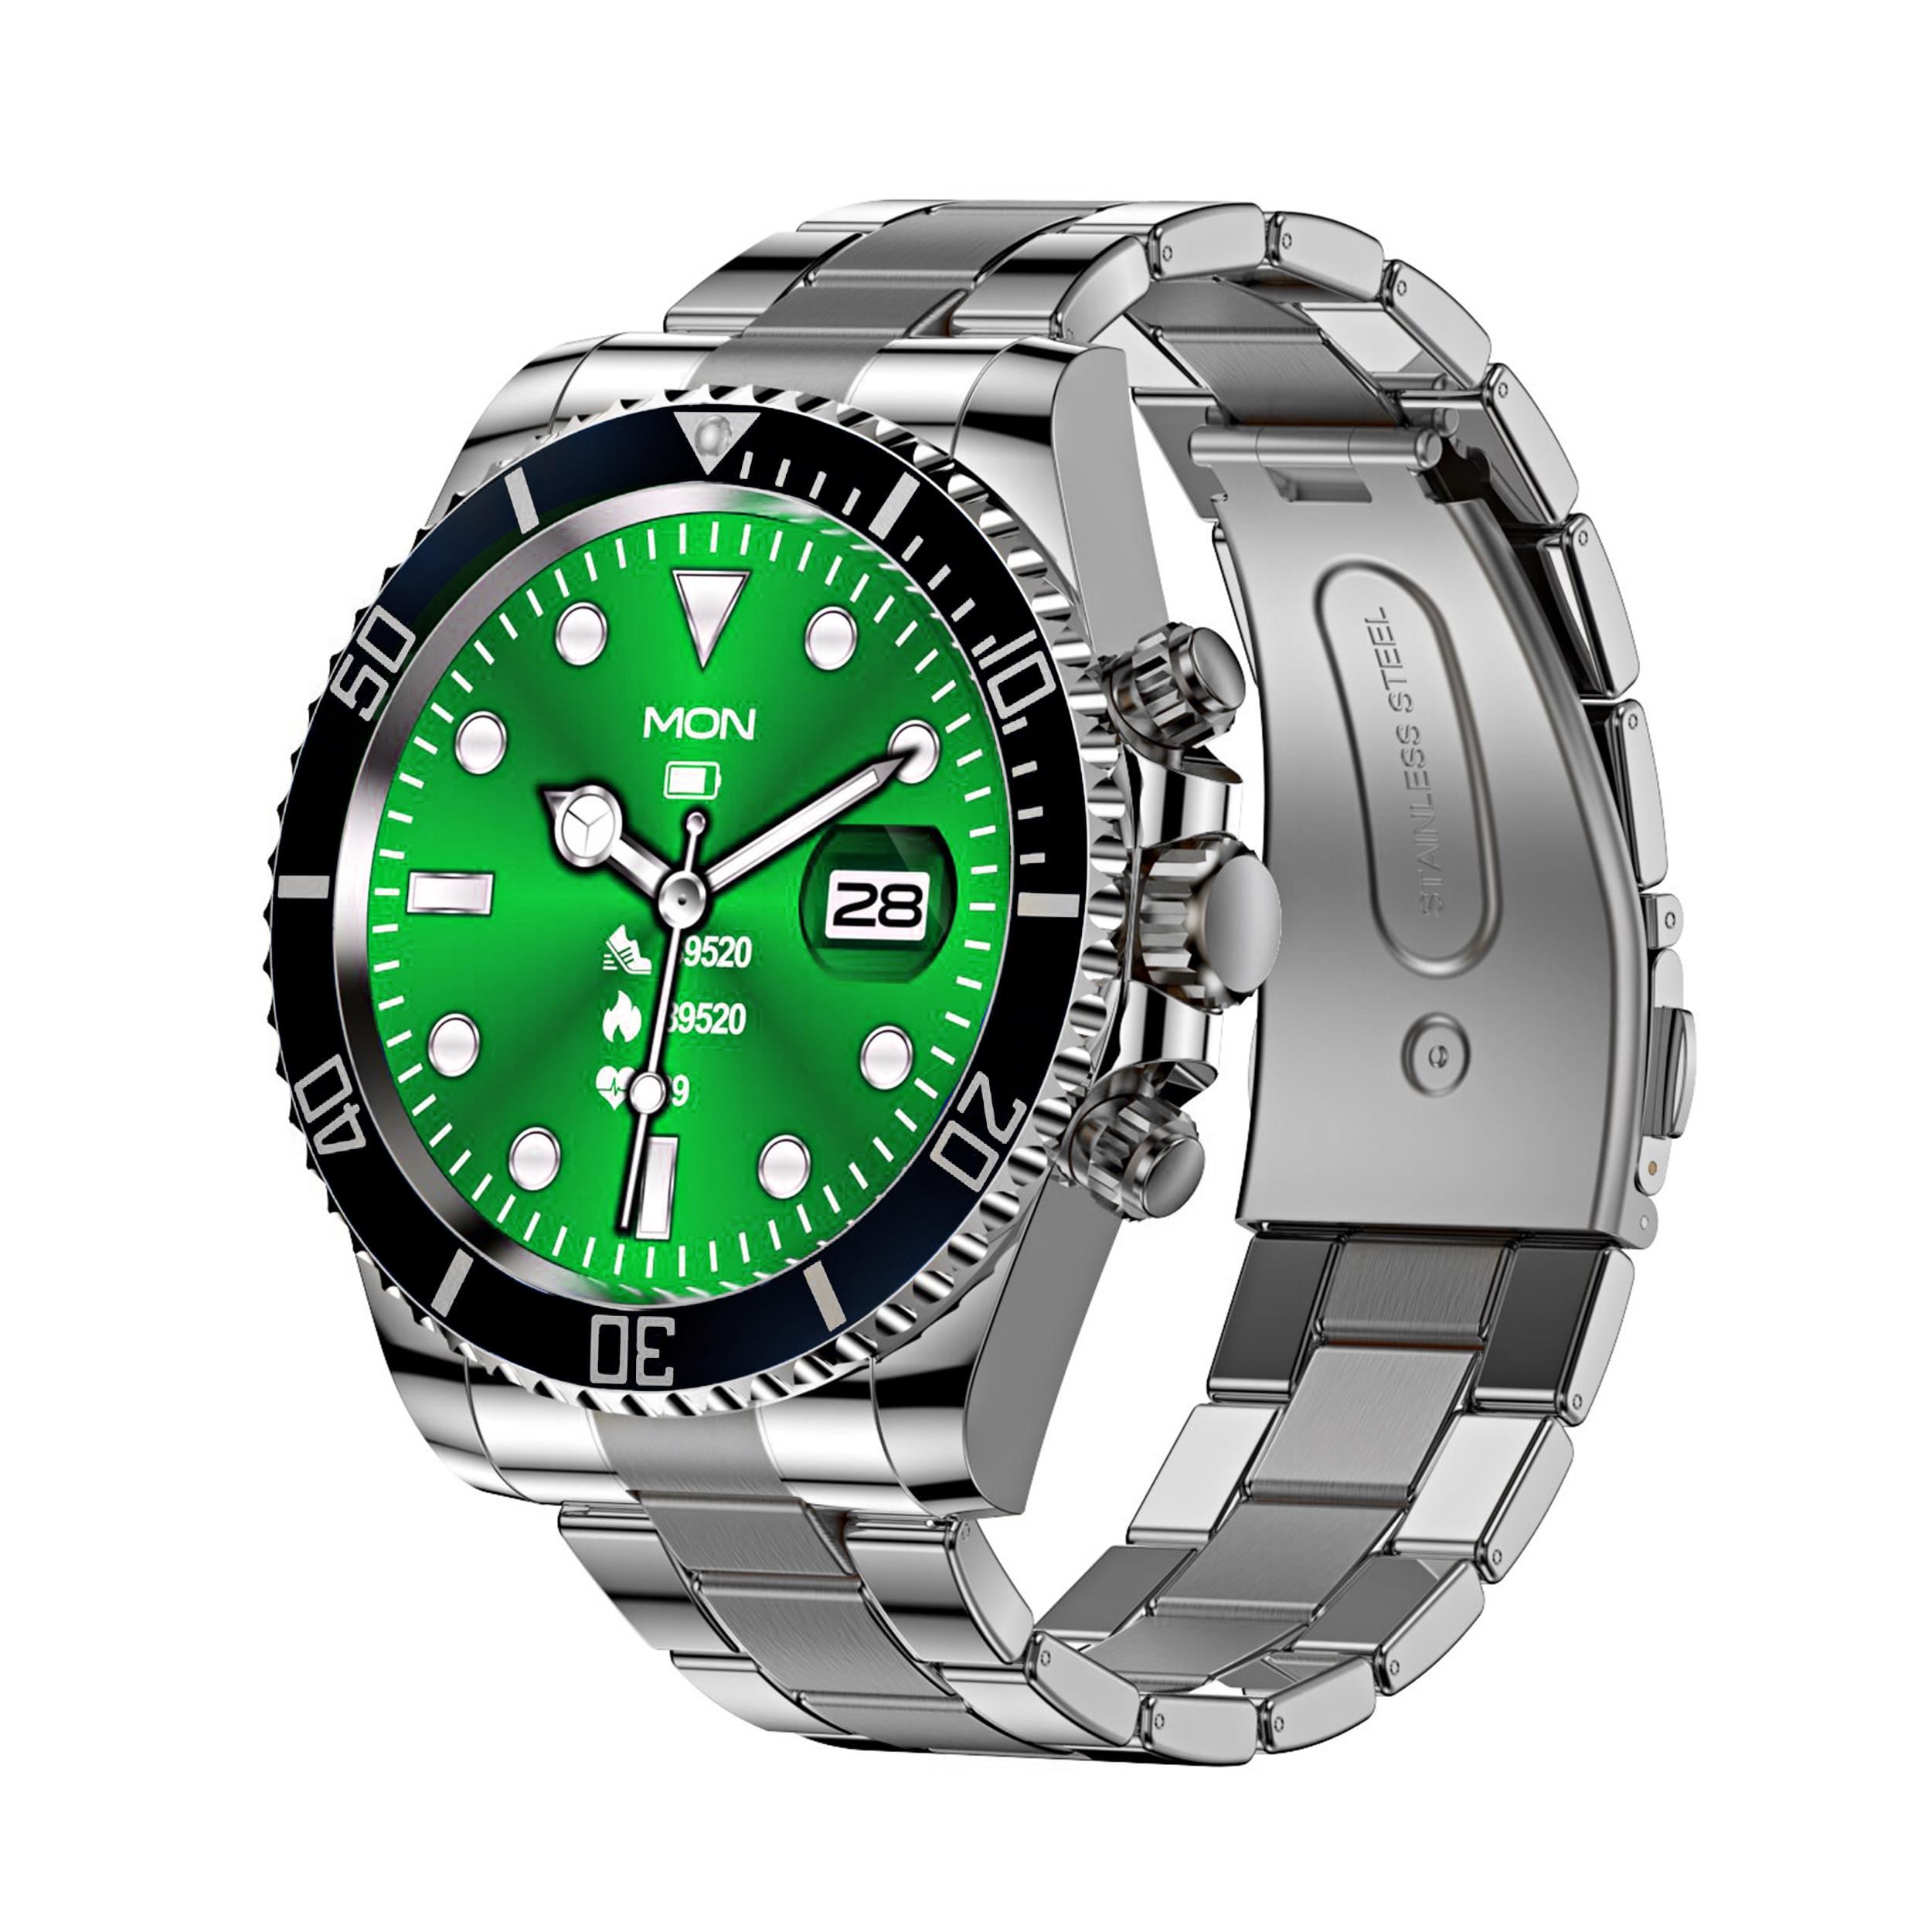 فروش نقدی و اقساطی ساعت هوشمند مدل AW12 Rol-x